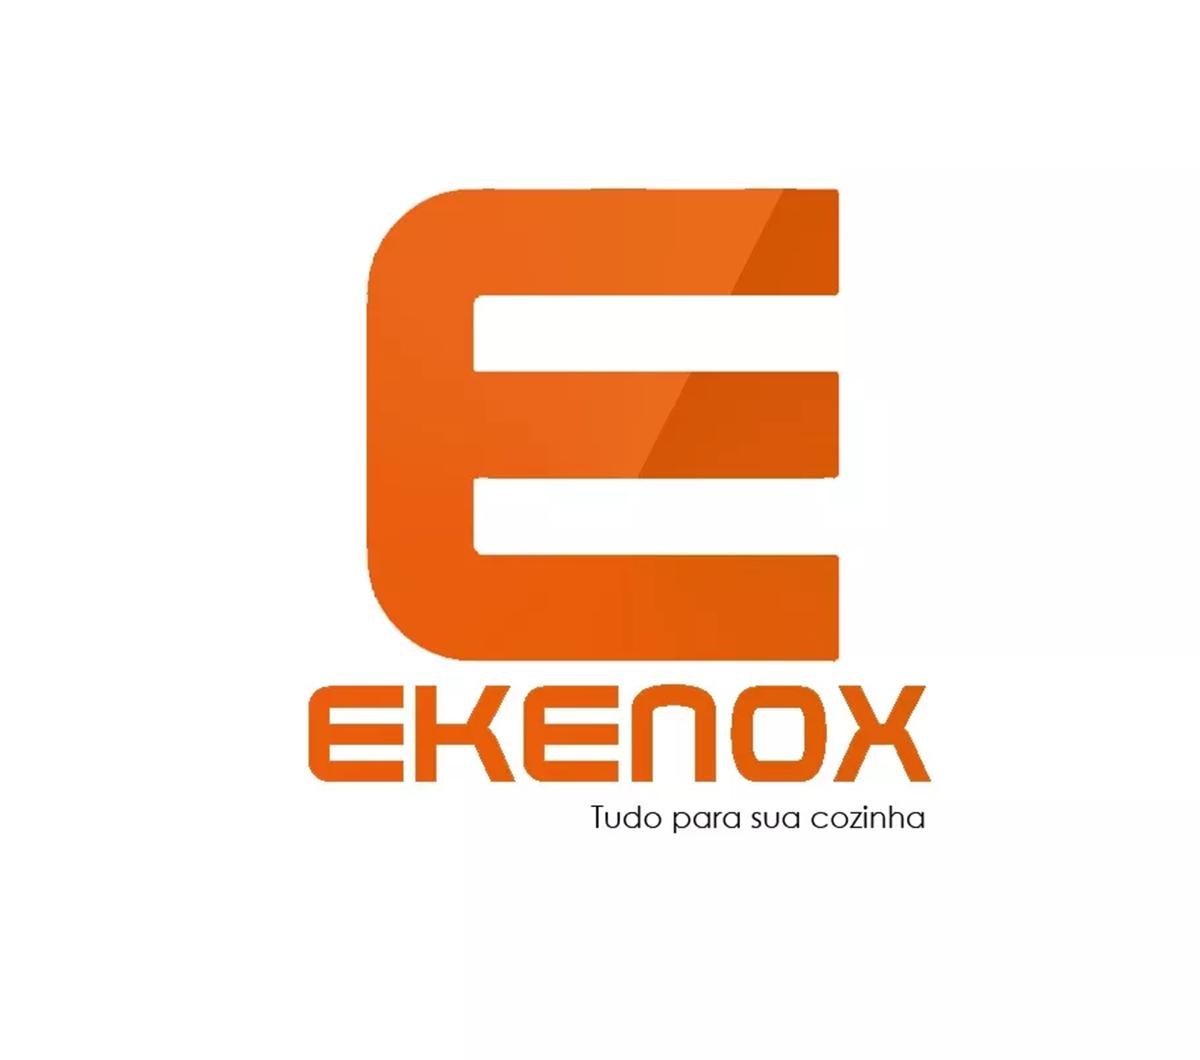 Mesa Inox Pé Branco 1,40 x 0,55 Vix  - EKENOX- Equipamentos Industriais